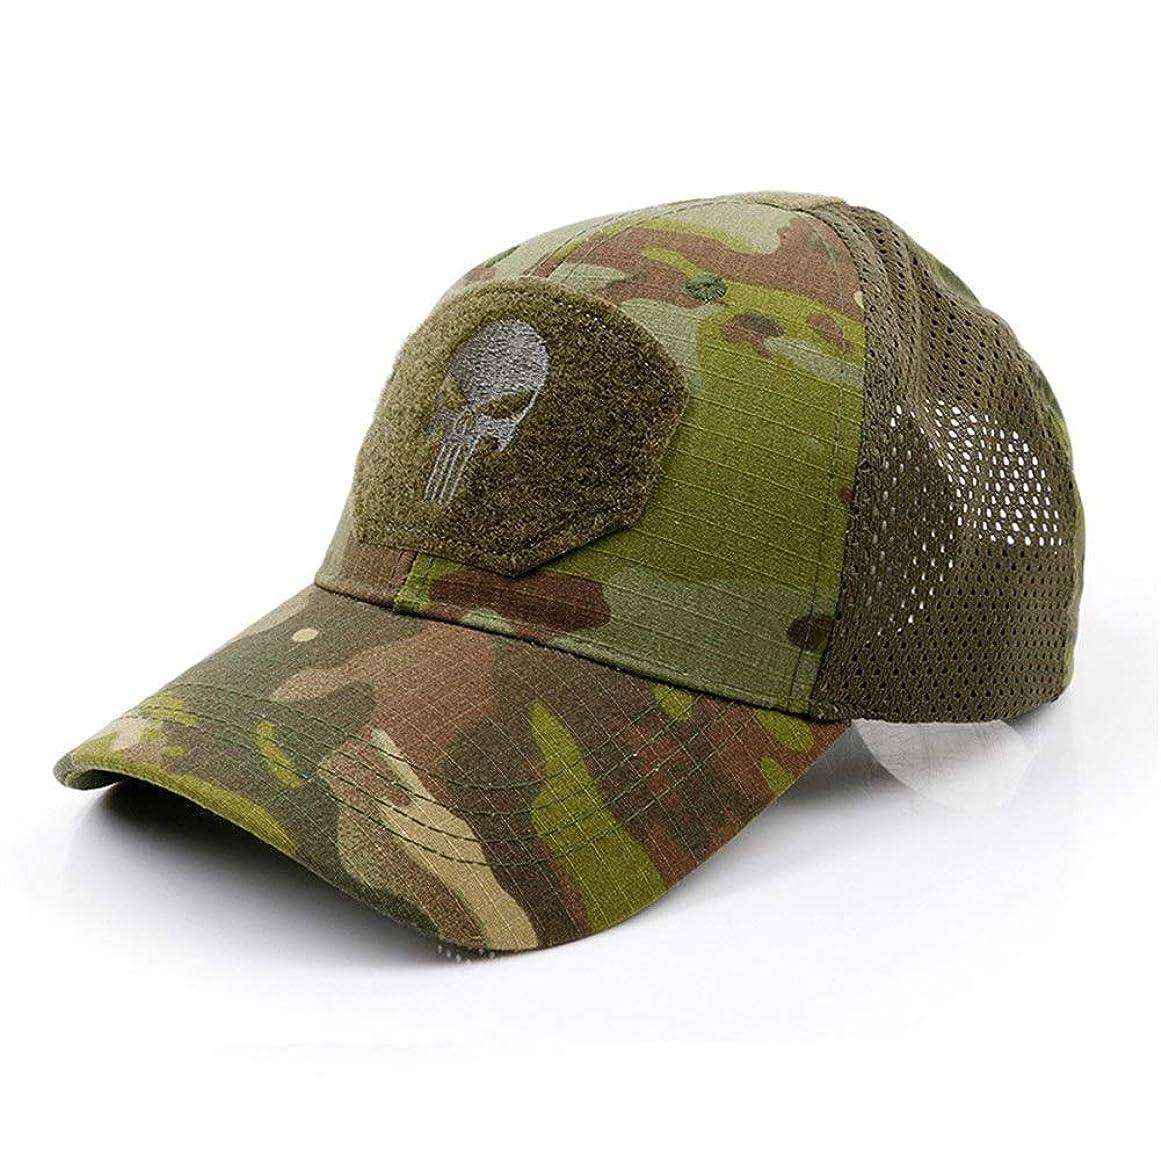 小屋句読点マンハッタン野球帽 練習帽 ベースボールキャップ キャップ メンズ レディース 帽子 スカル刺繍野球メンズ迷彩戦術ハット軍の戦術的な野球帽頭迷彩は日帽子キャップキャップ (Color : E)